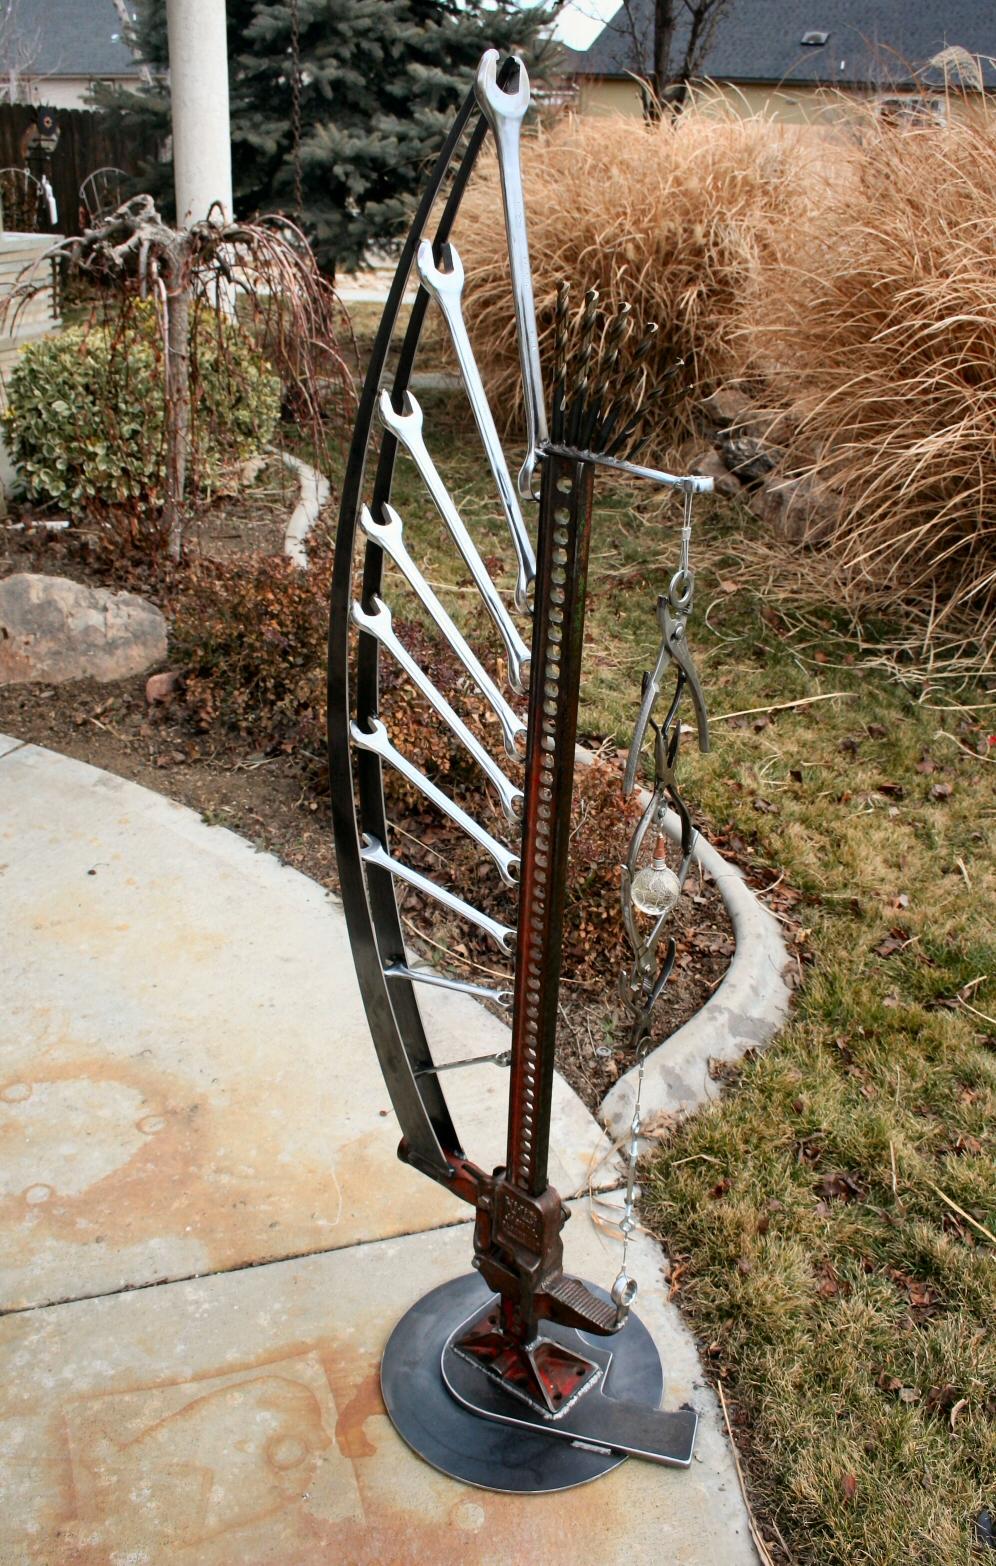 Refinerii Studios Garden Art